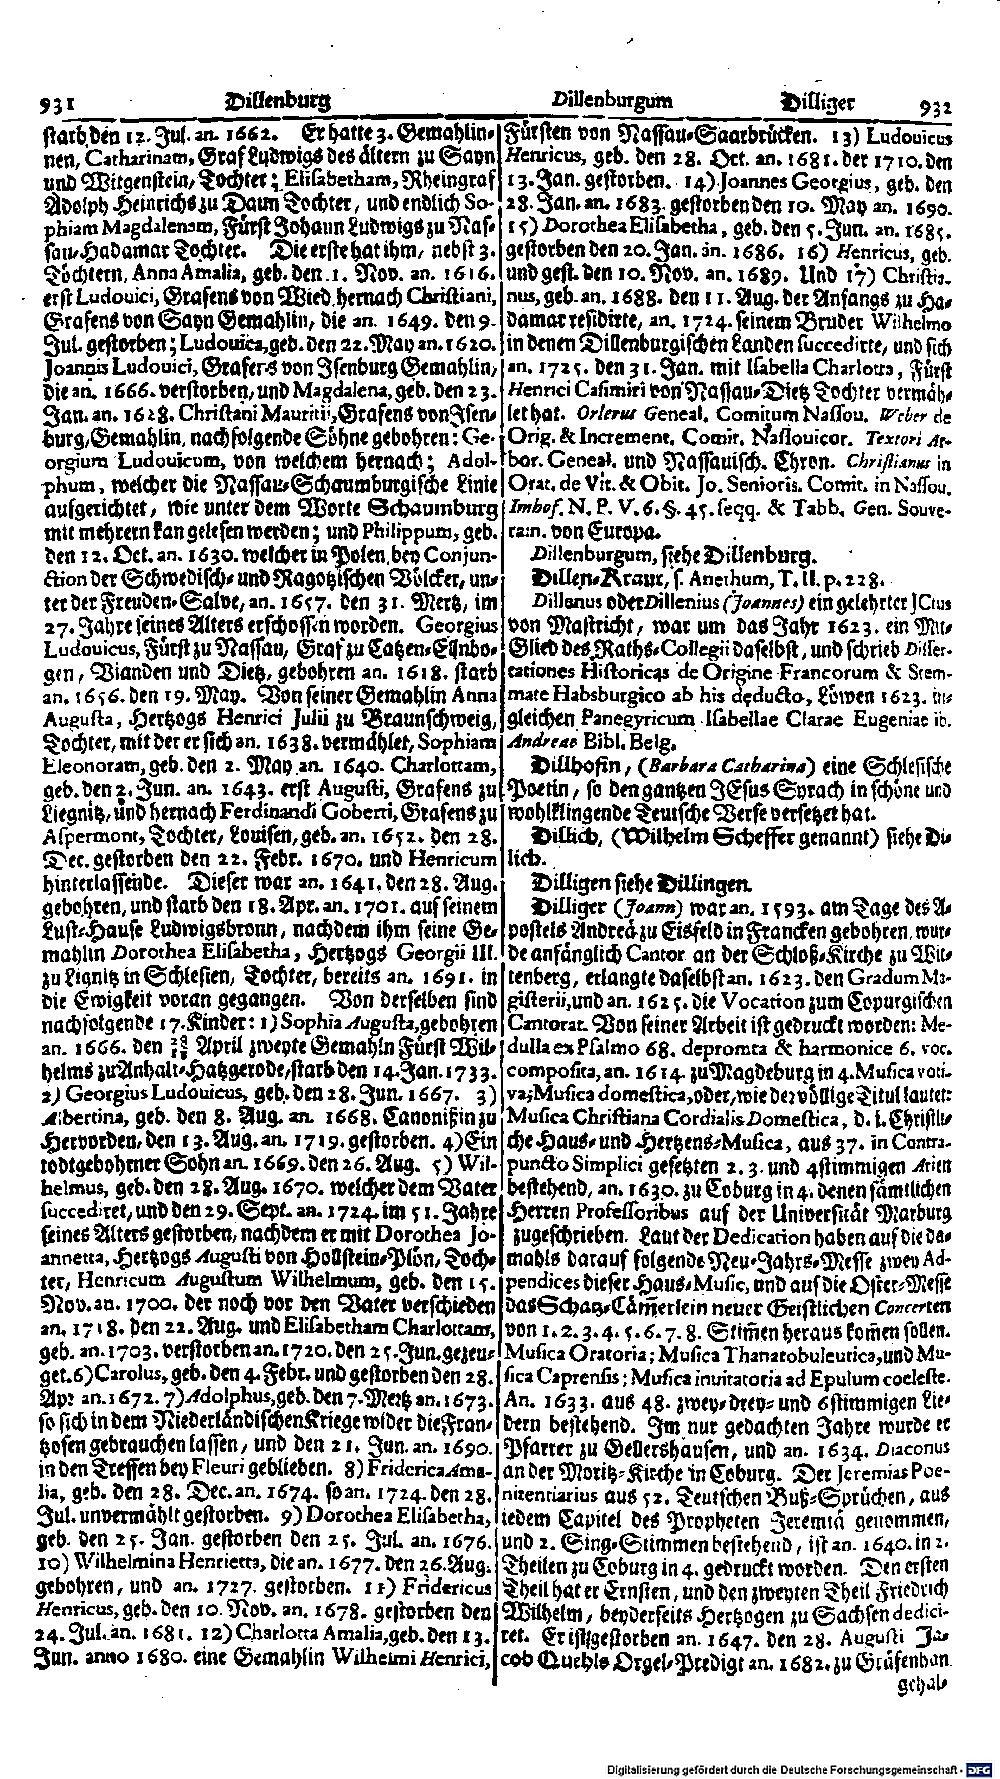 Bd. 7, Seite 0487.